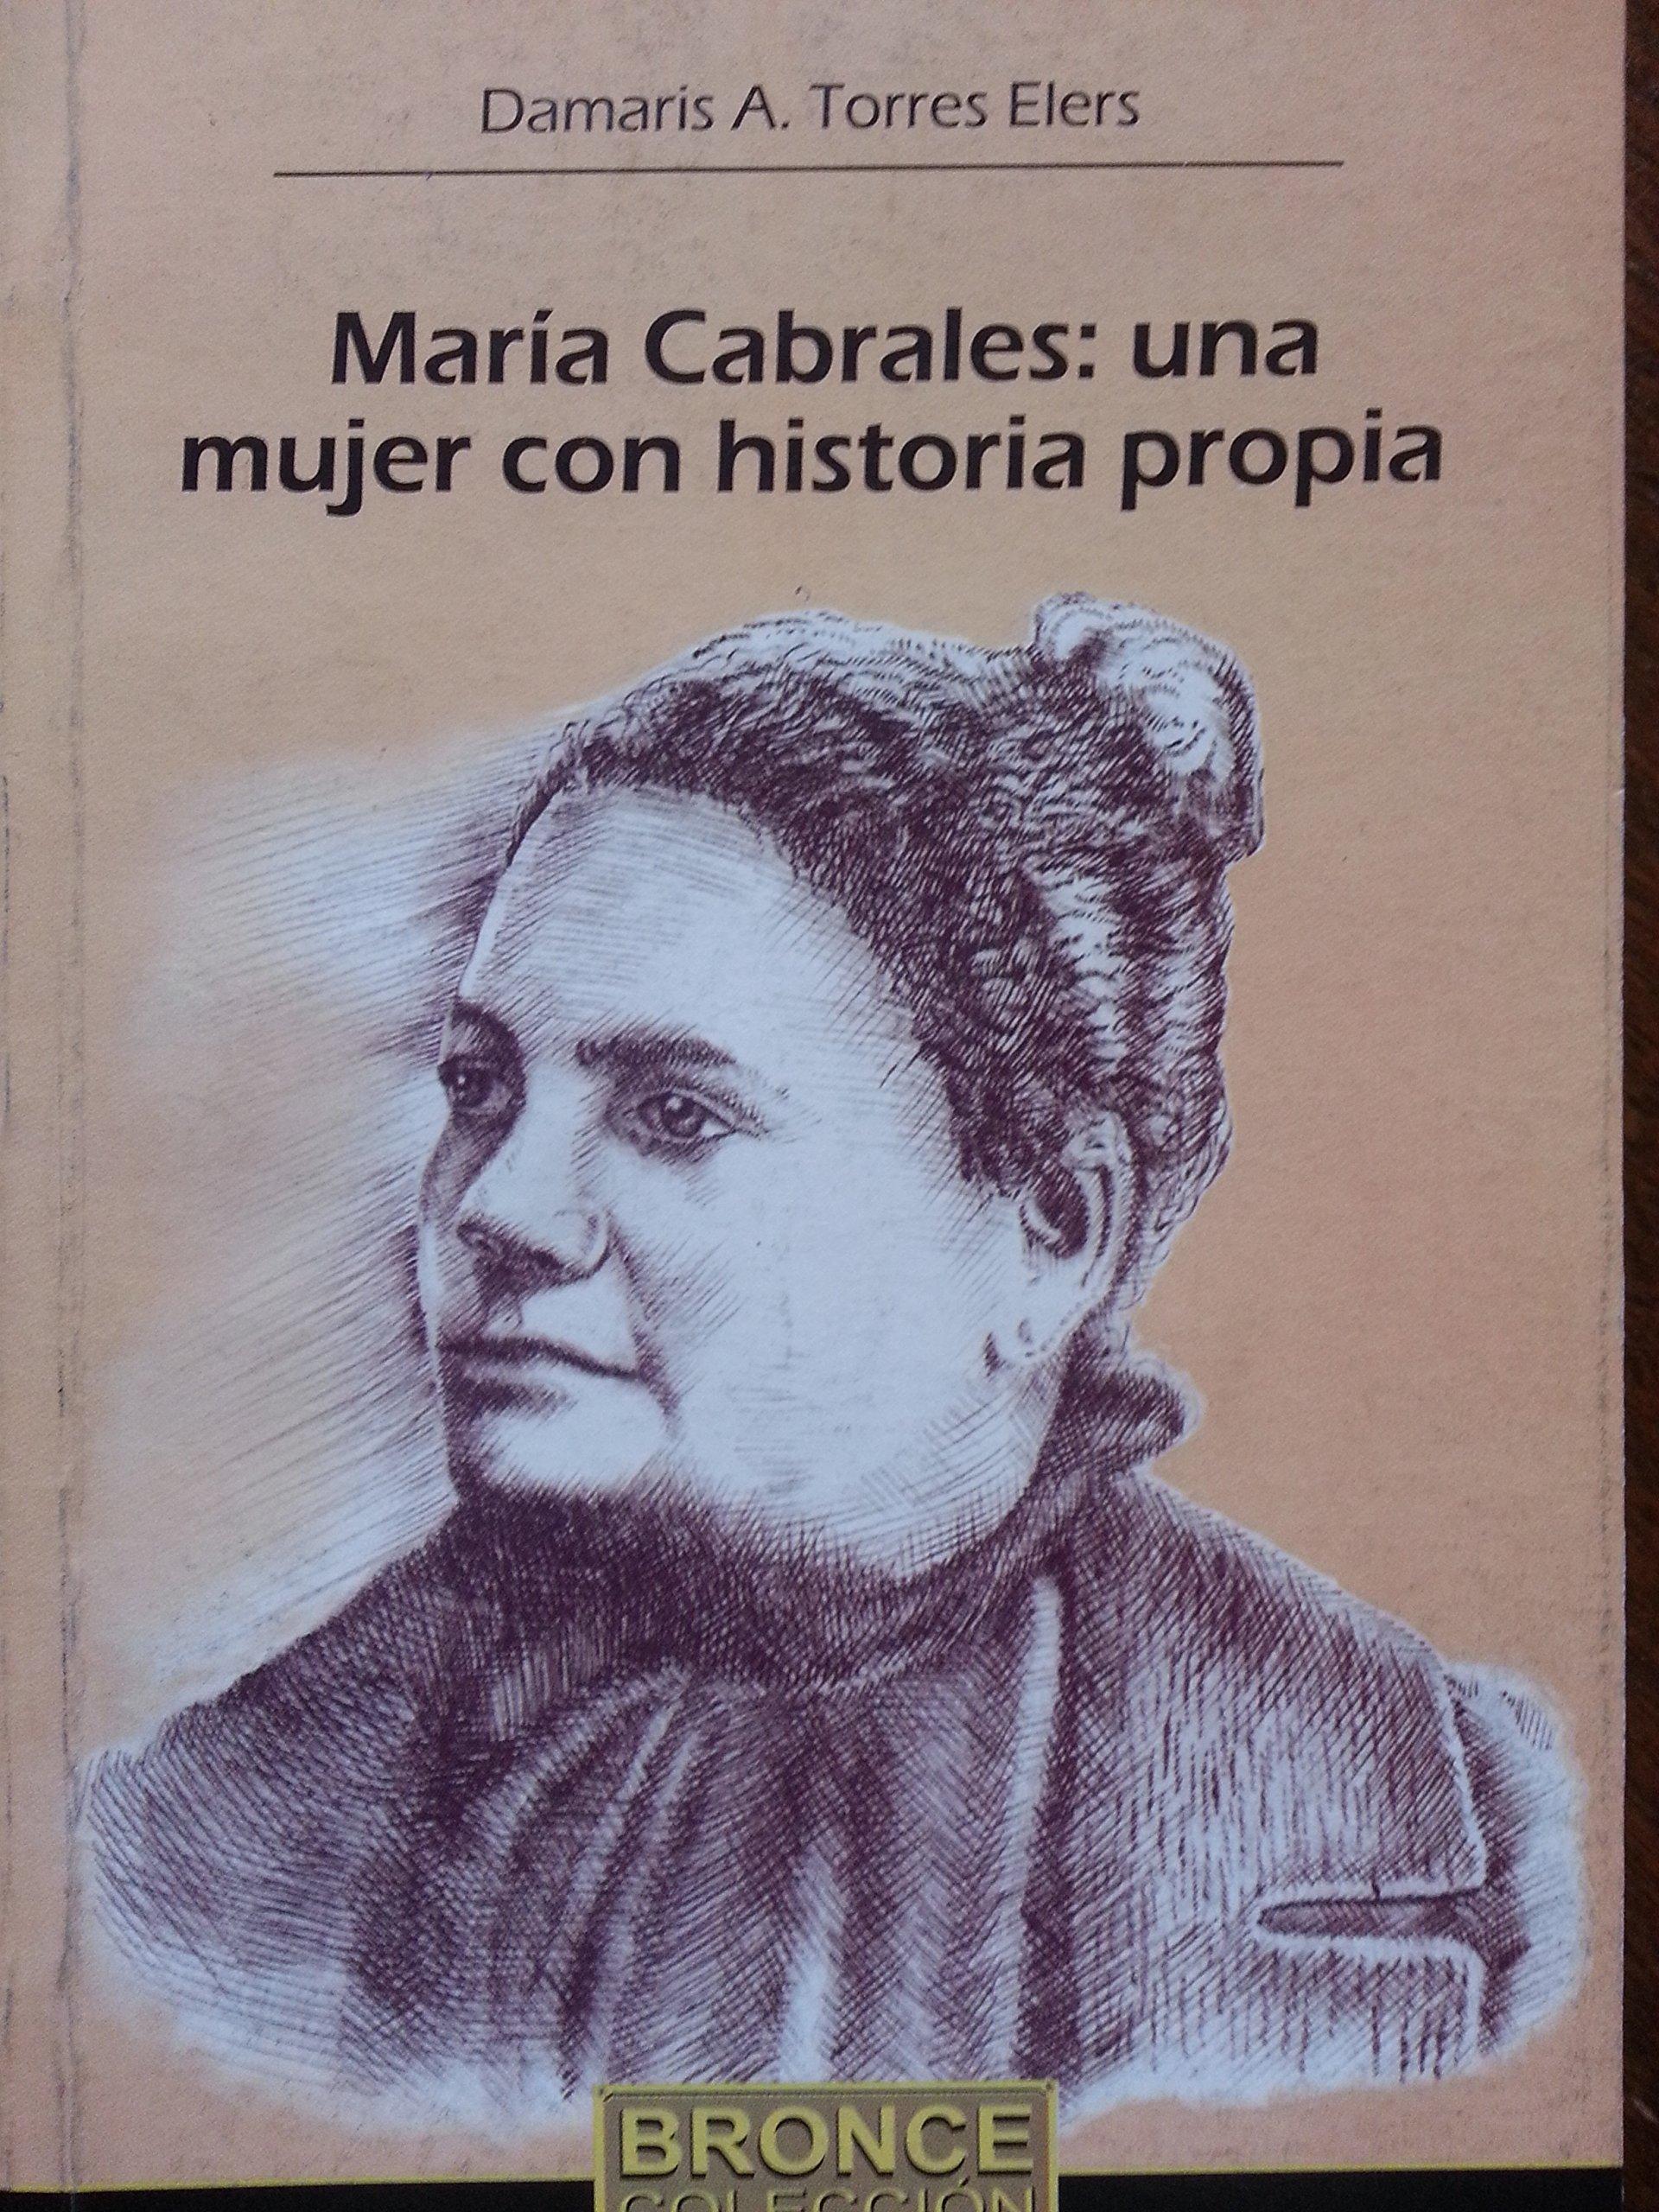 maria cabrales.una mujer con historia propia.biografia. PDF